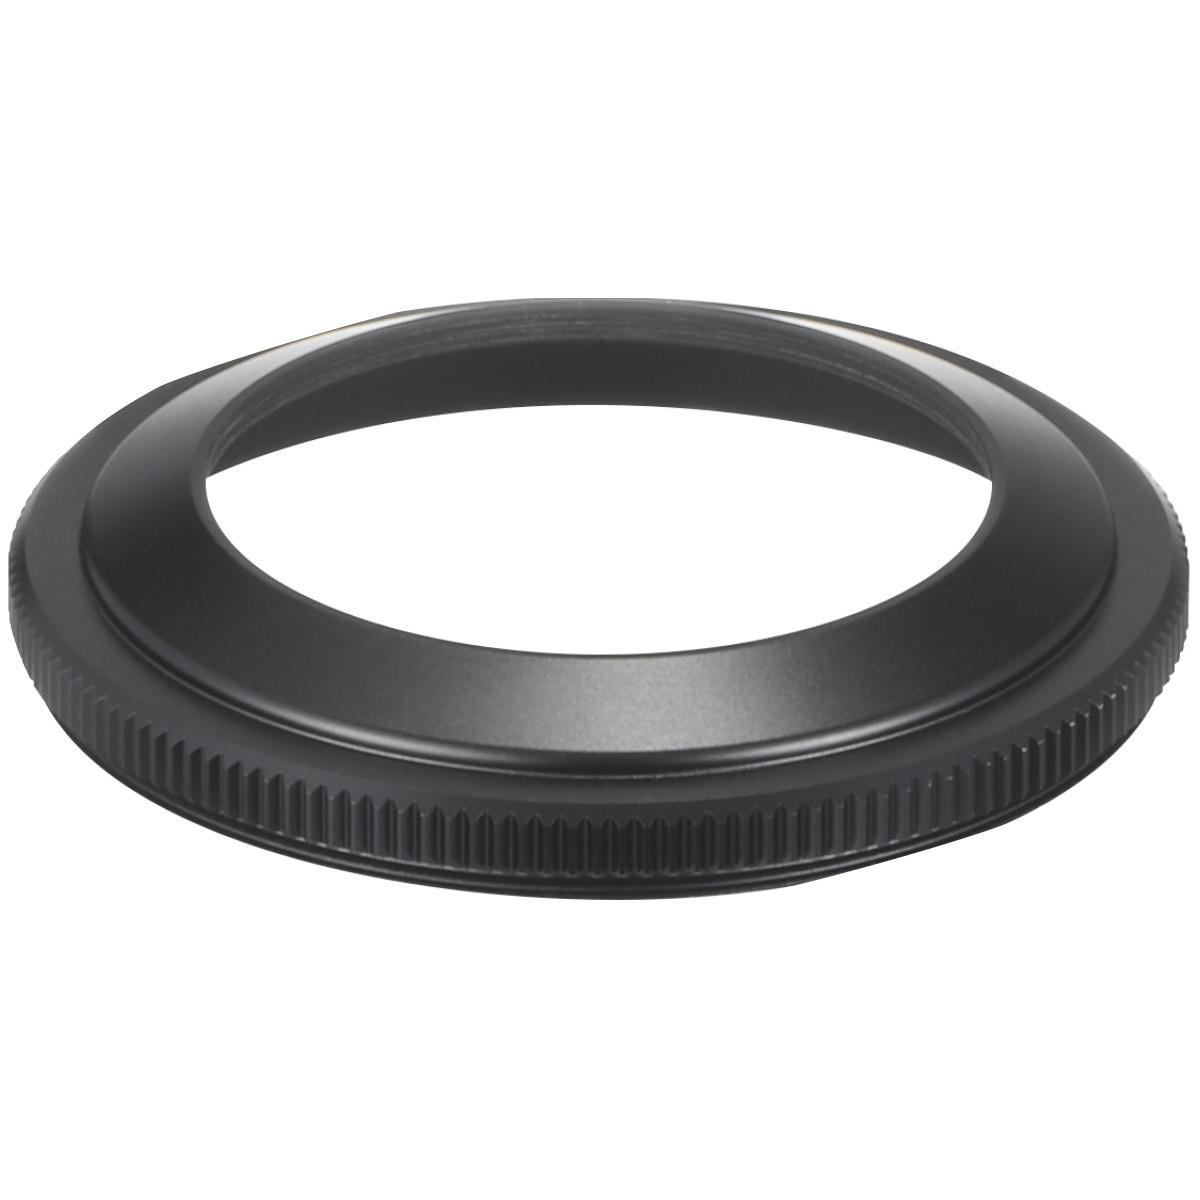 Fujifilm GF 50 mm 1:3,5 R LM WR